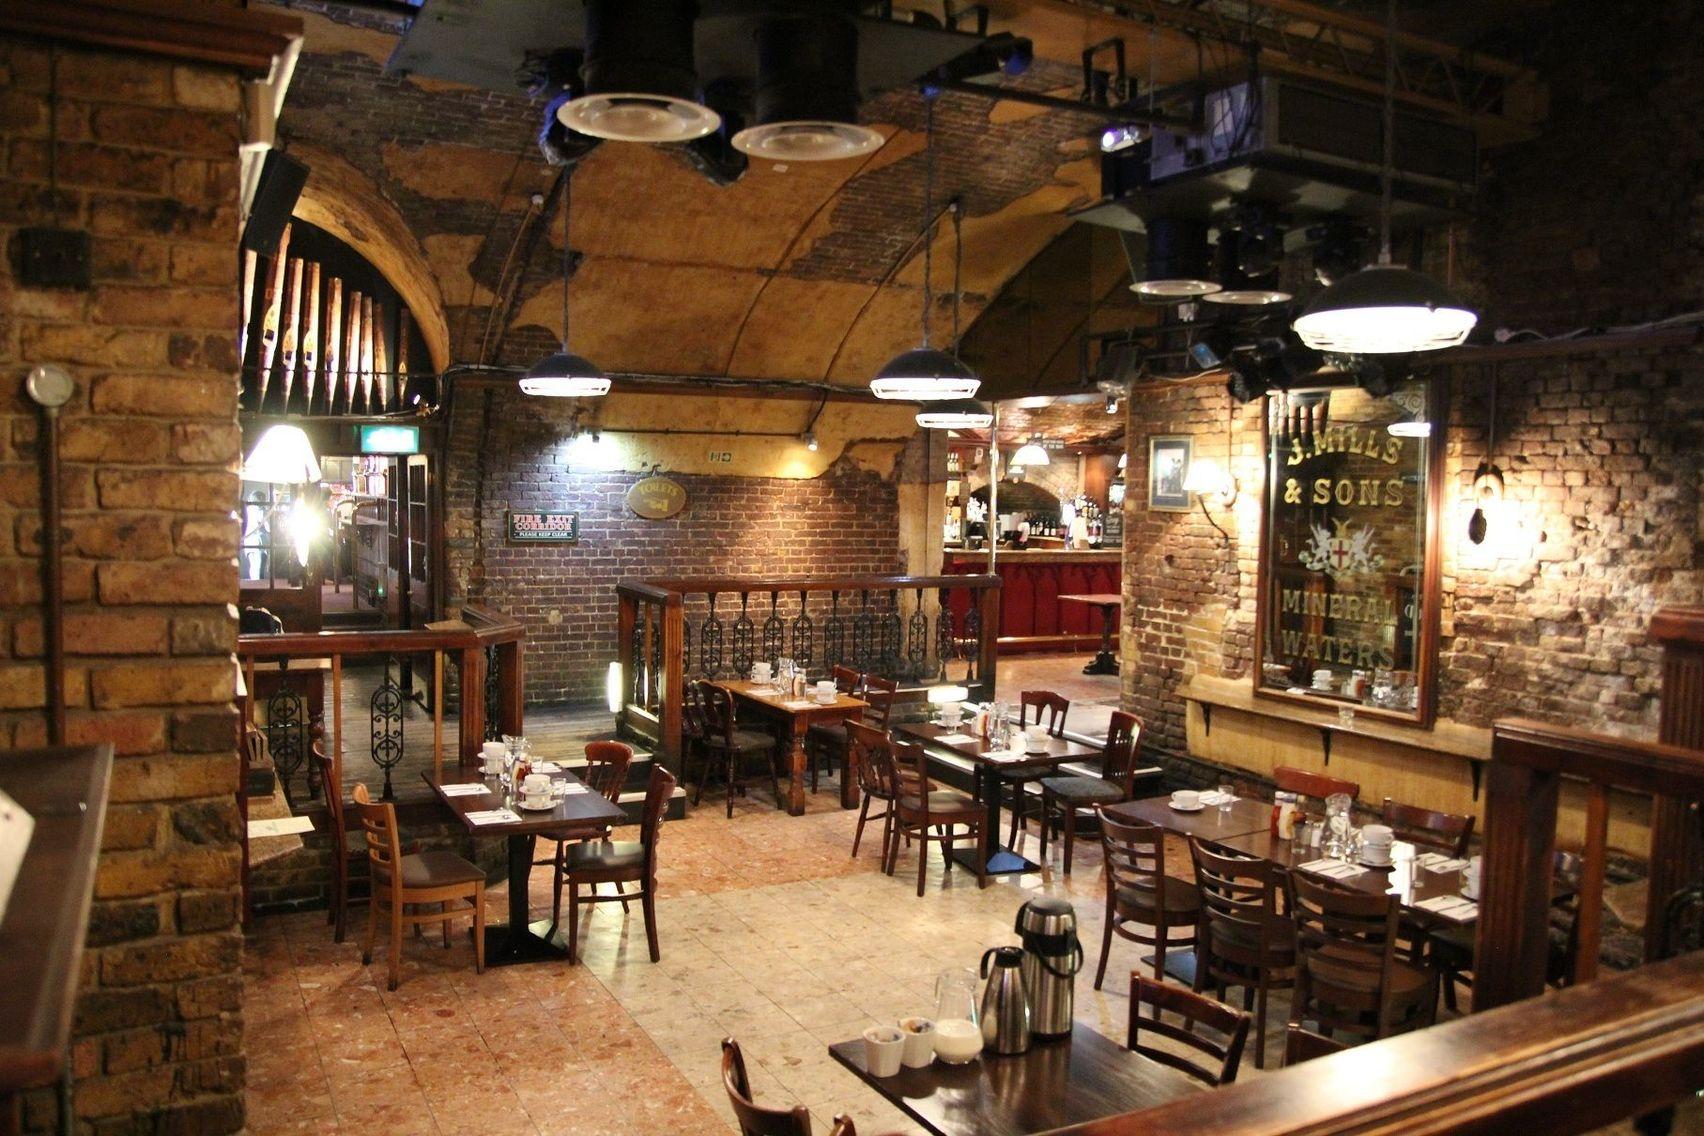 victorian underground bar with exposed brickwork